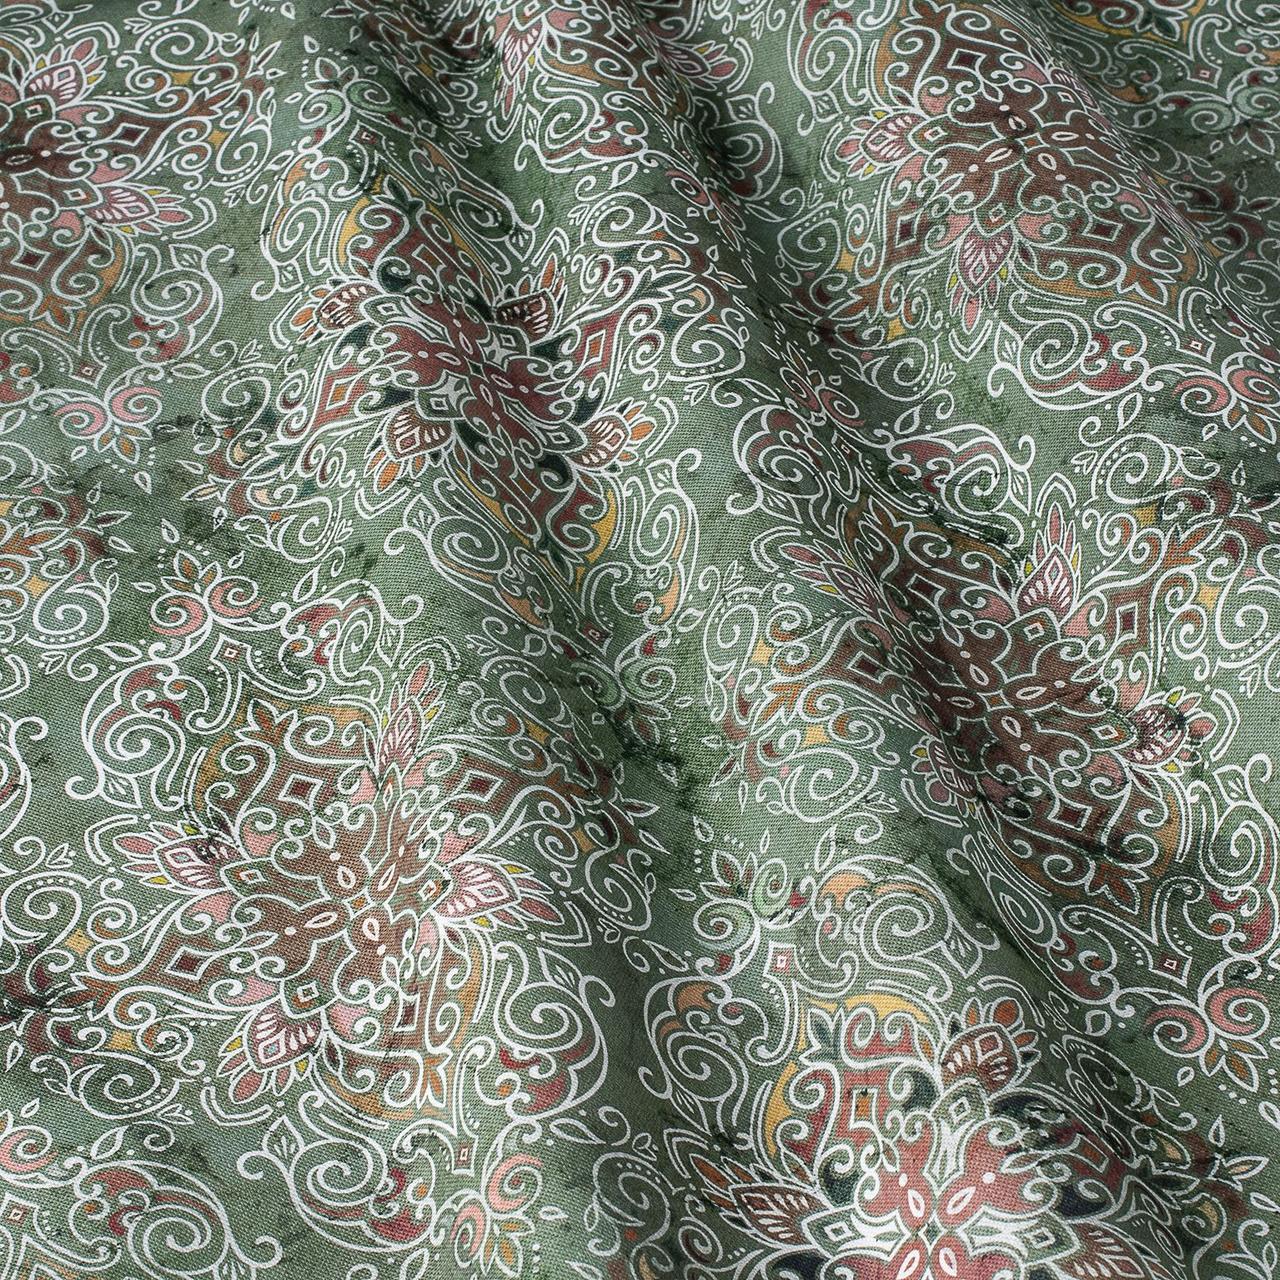 Декоративная ткань коричневый вензель на зеленом фоне Испания 87874v4